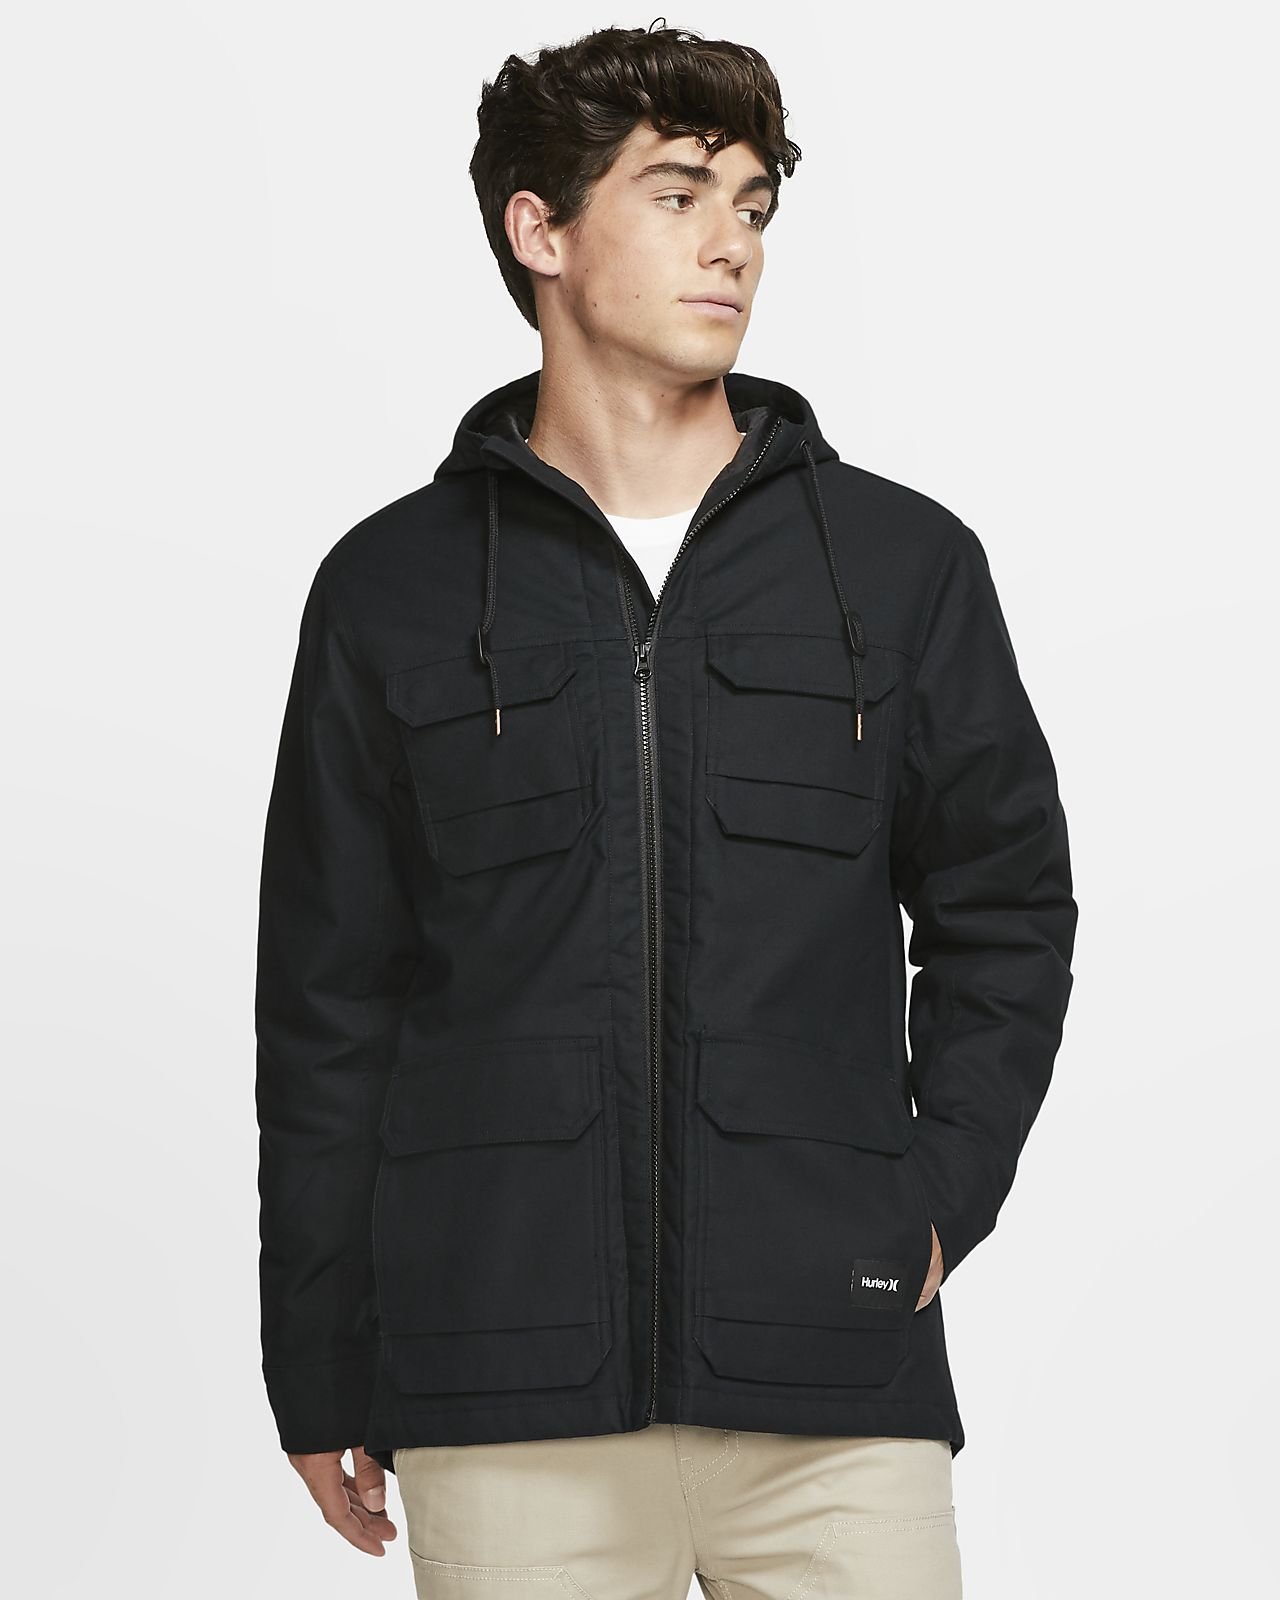 Veste Hurley M65 Storm Cotton™ pour Homme